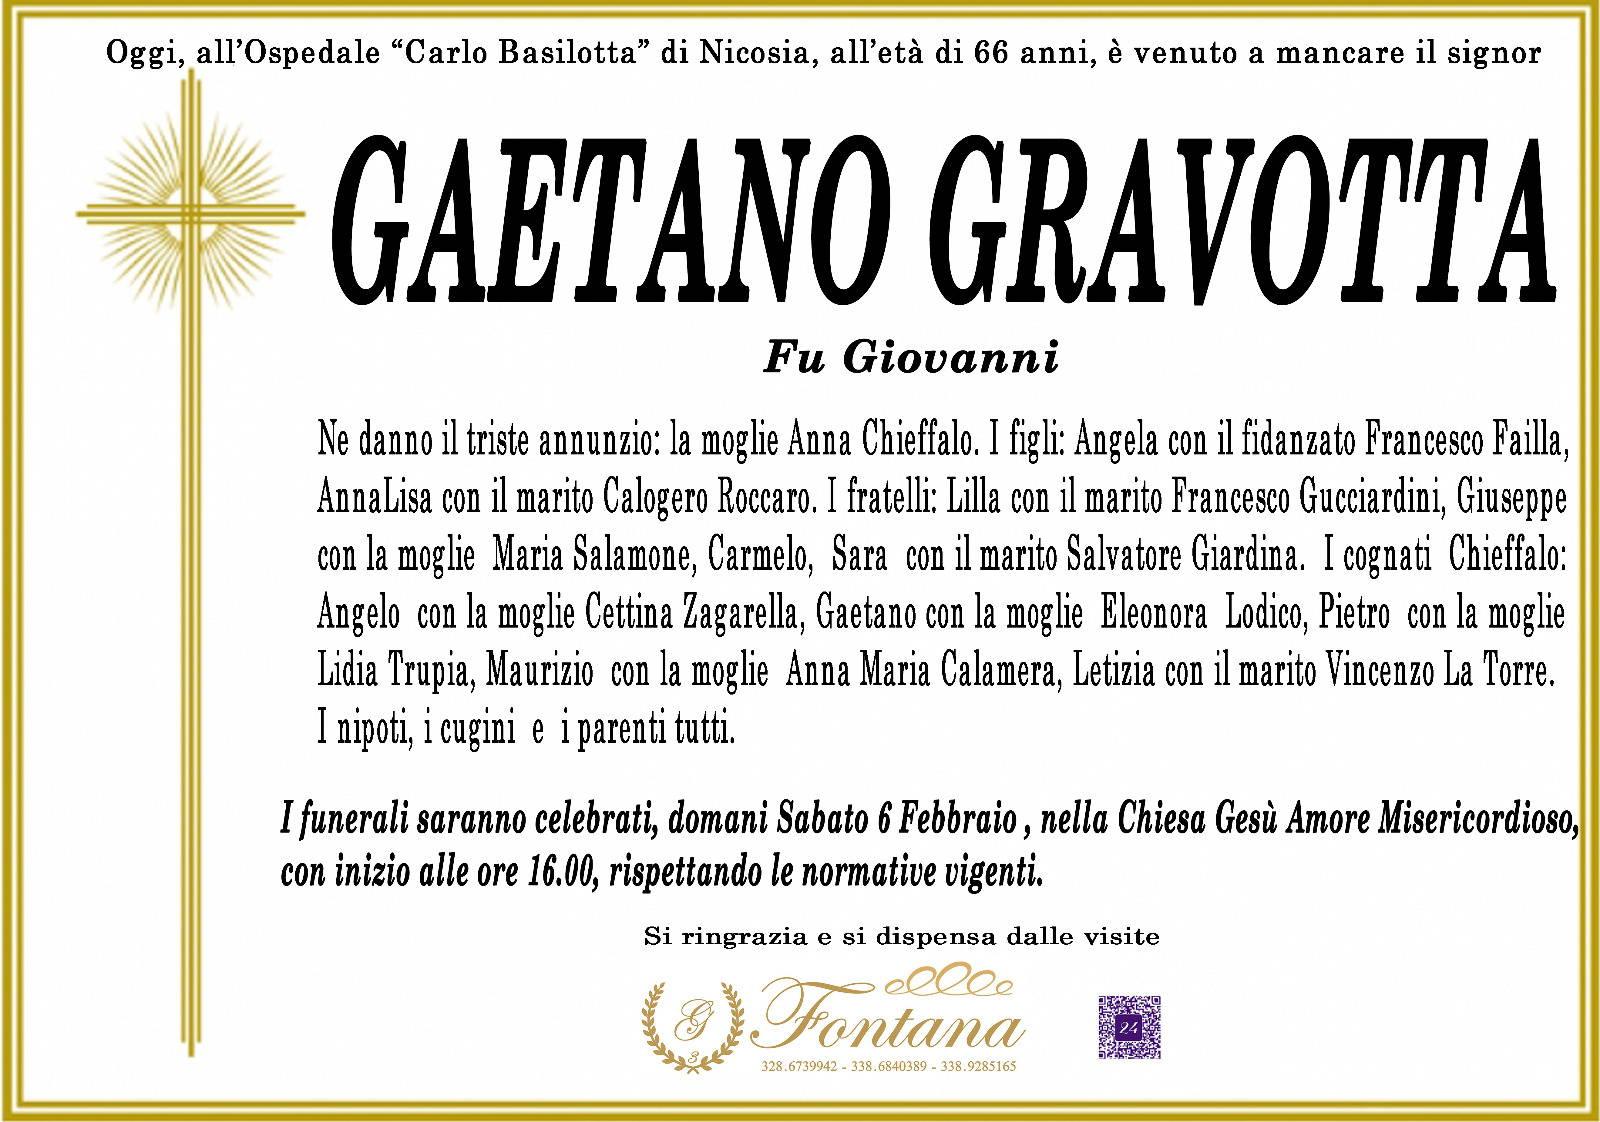 Gaetano Gravotta